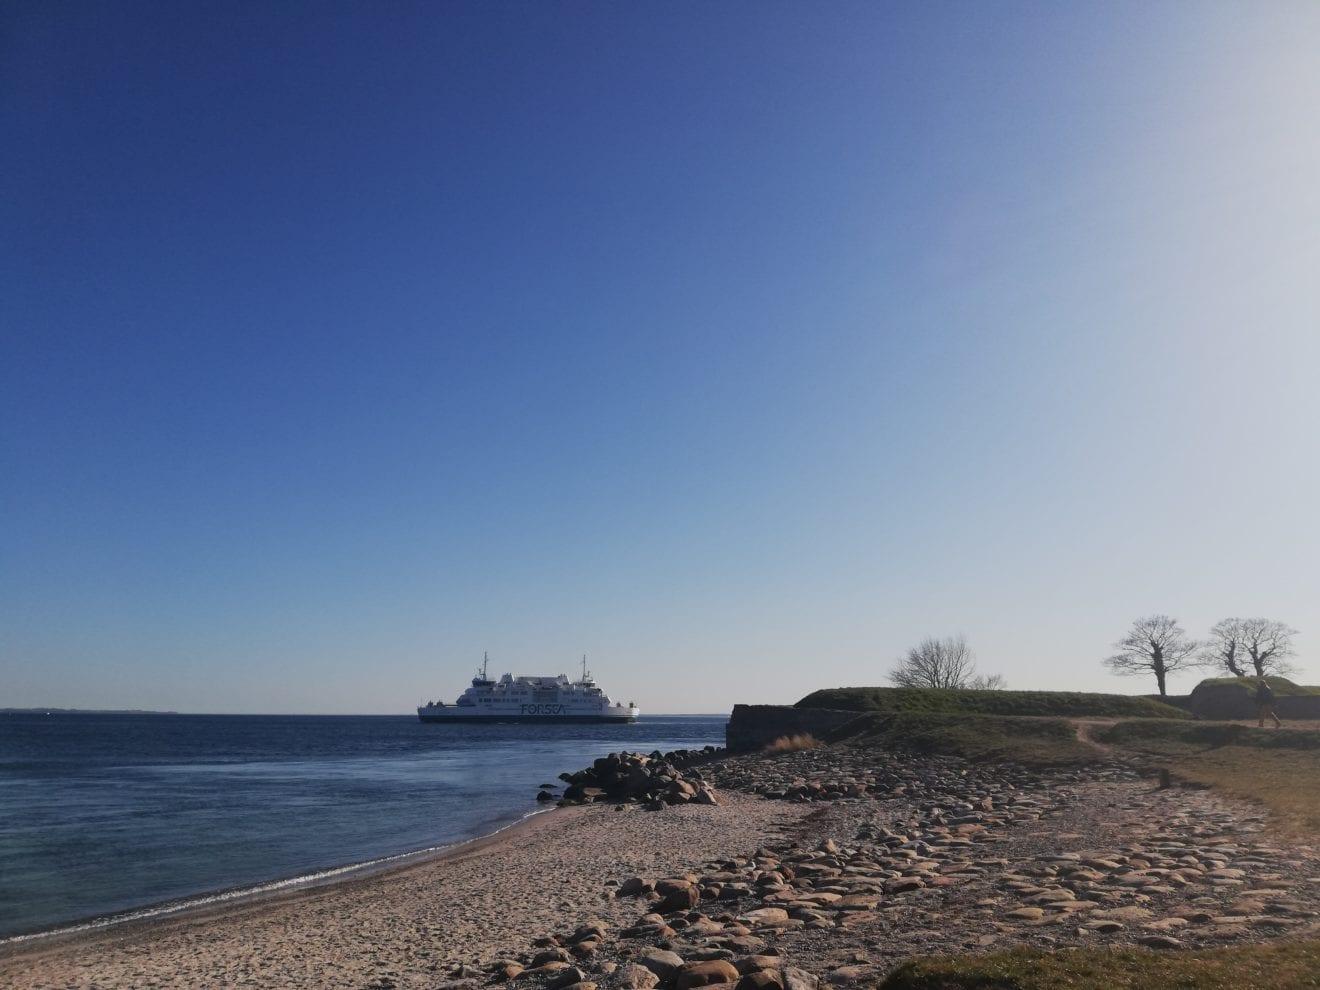 FORSEA sejler stadig mellem Helsingør og Helsingborg